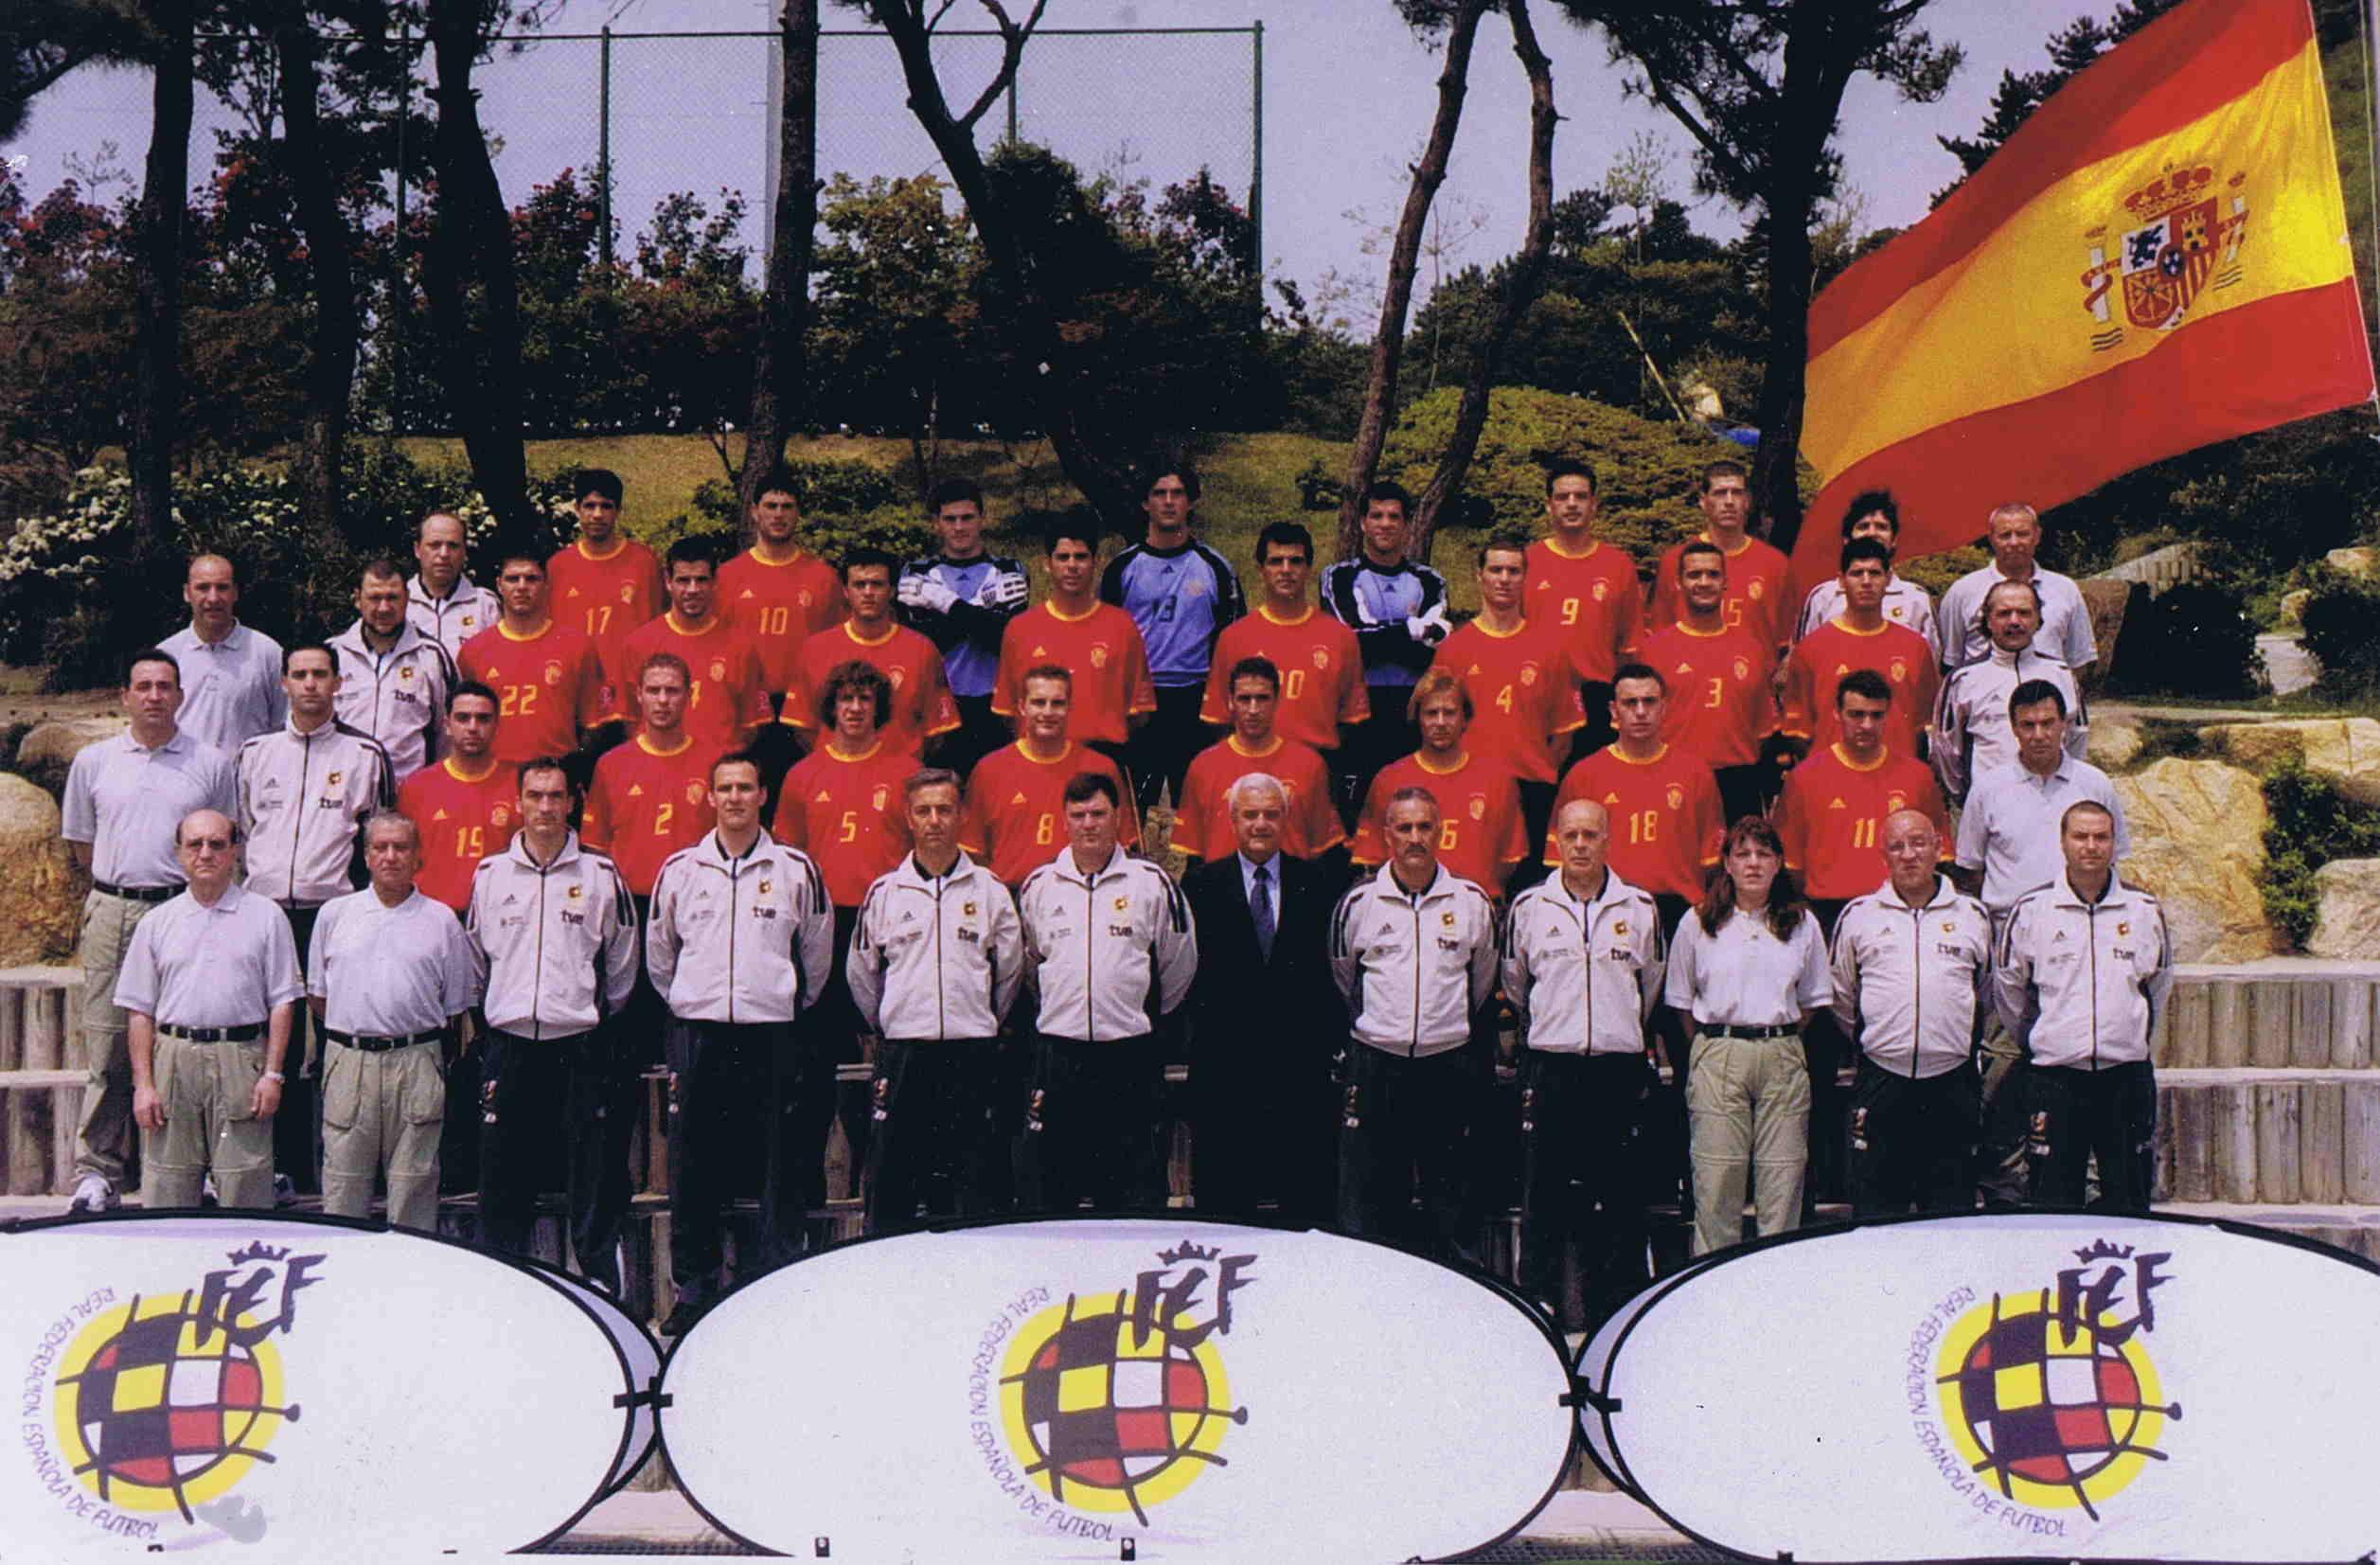 Hilo de la selección de España (selección española) Espana2002